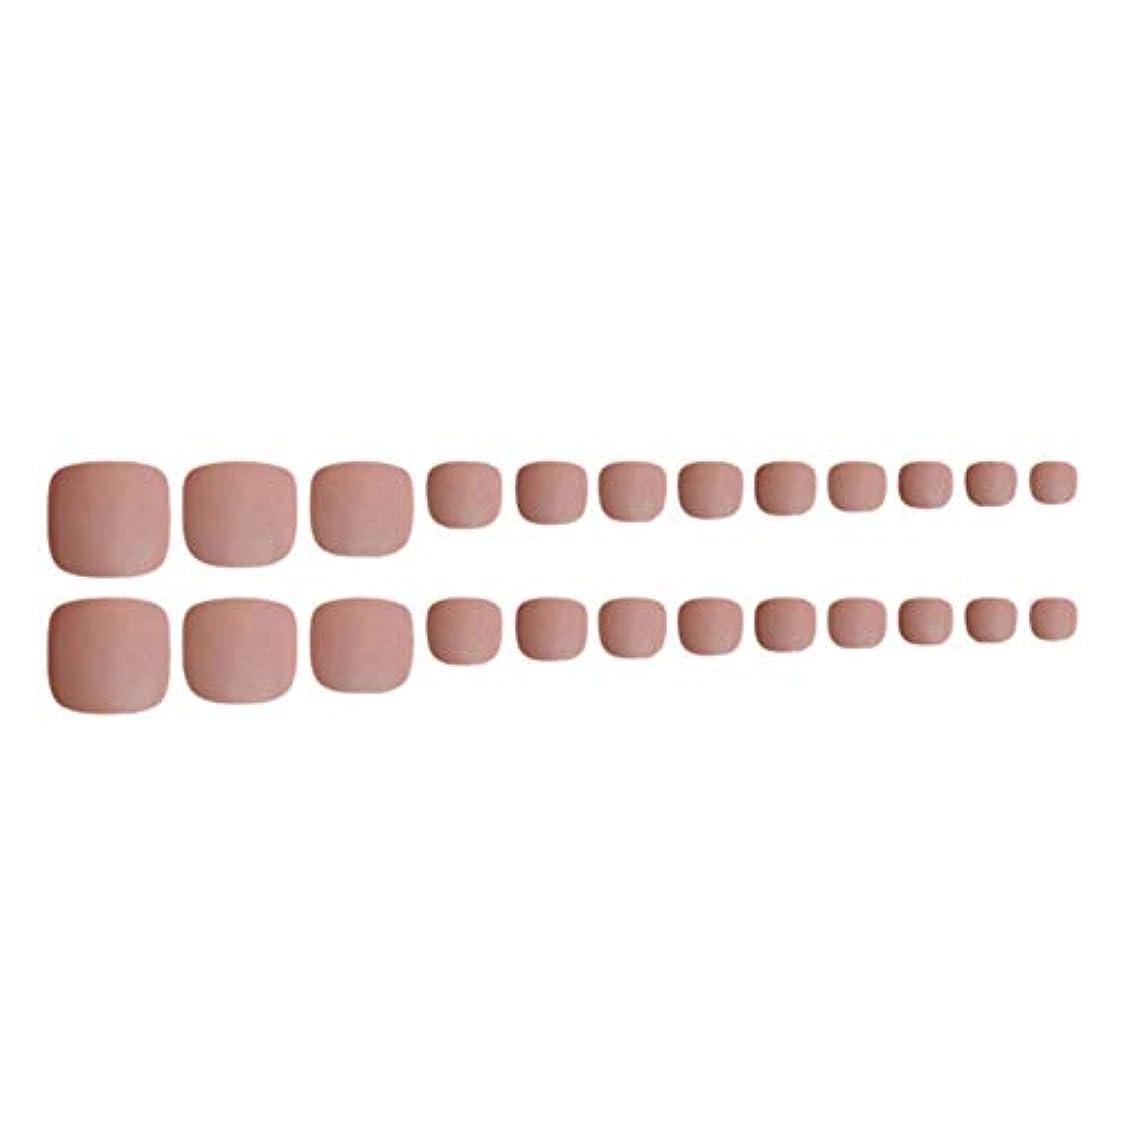 前投薬汚すうねるDecdeal ネイルチップ 24ピース 12サイズ 偽つま先 ネイル用品 ネイルキャンディカラフルなプレスオントゥネイル人工ネイルアートのヒント